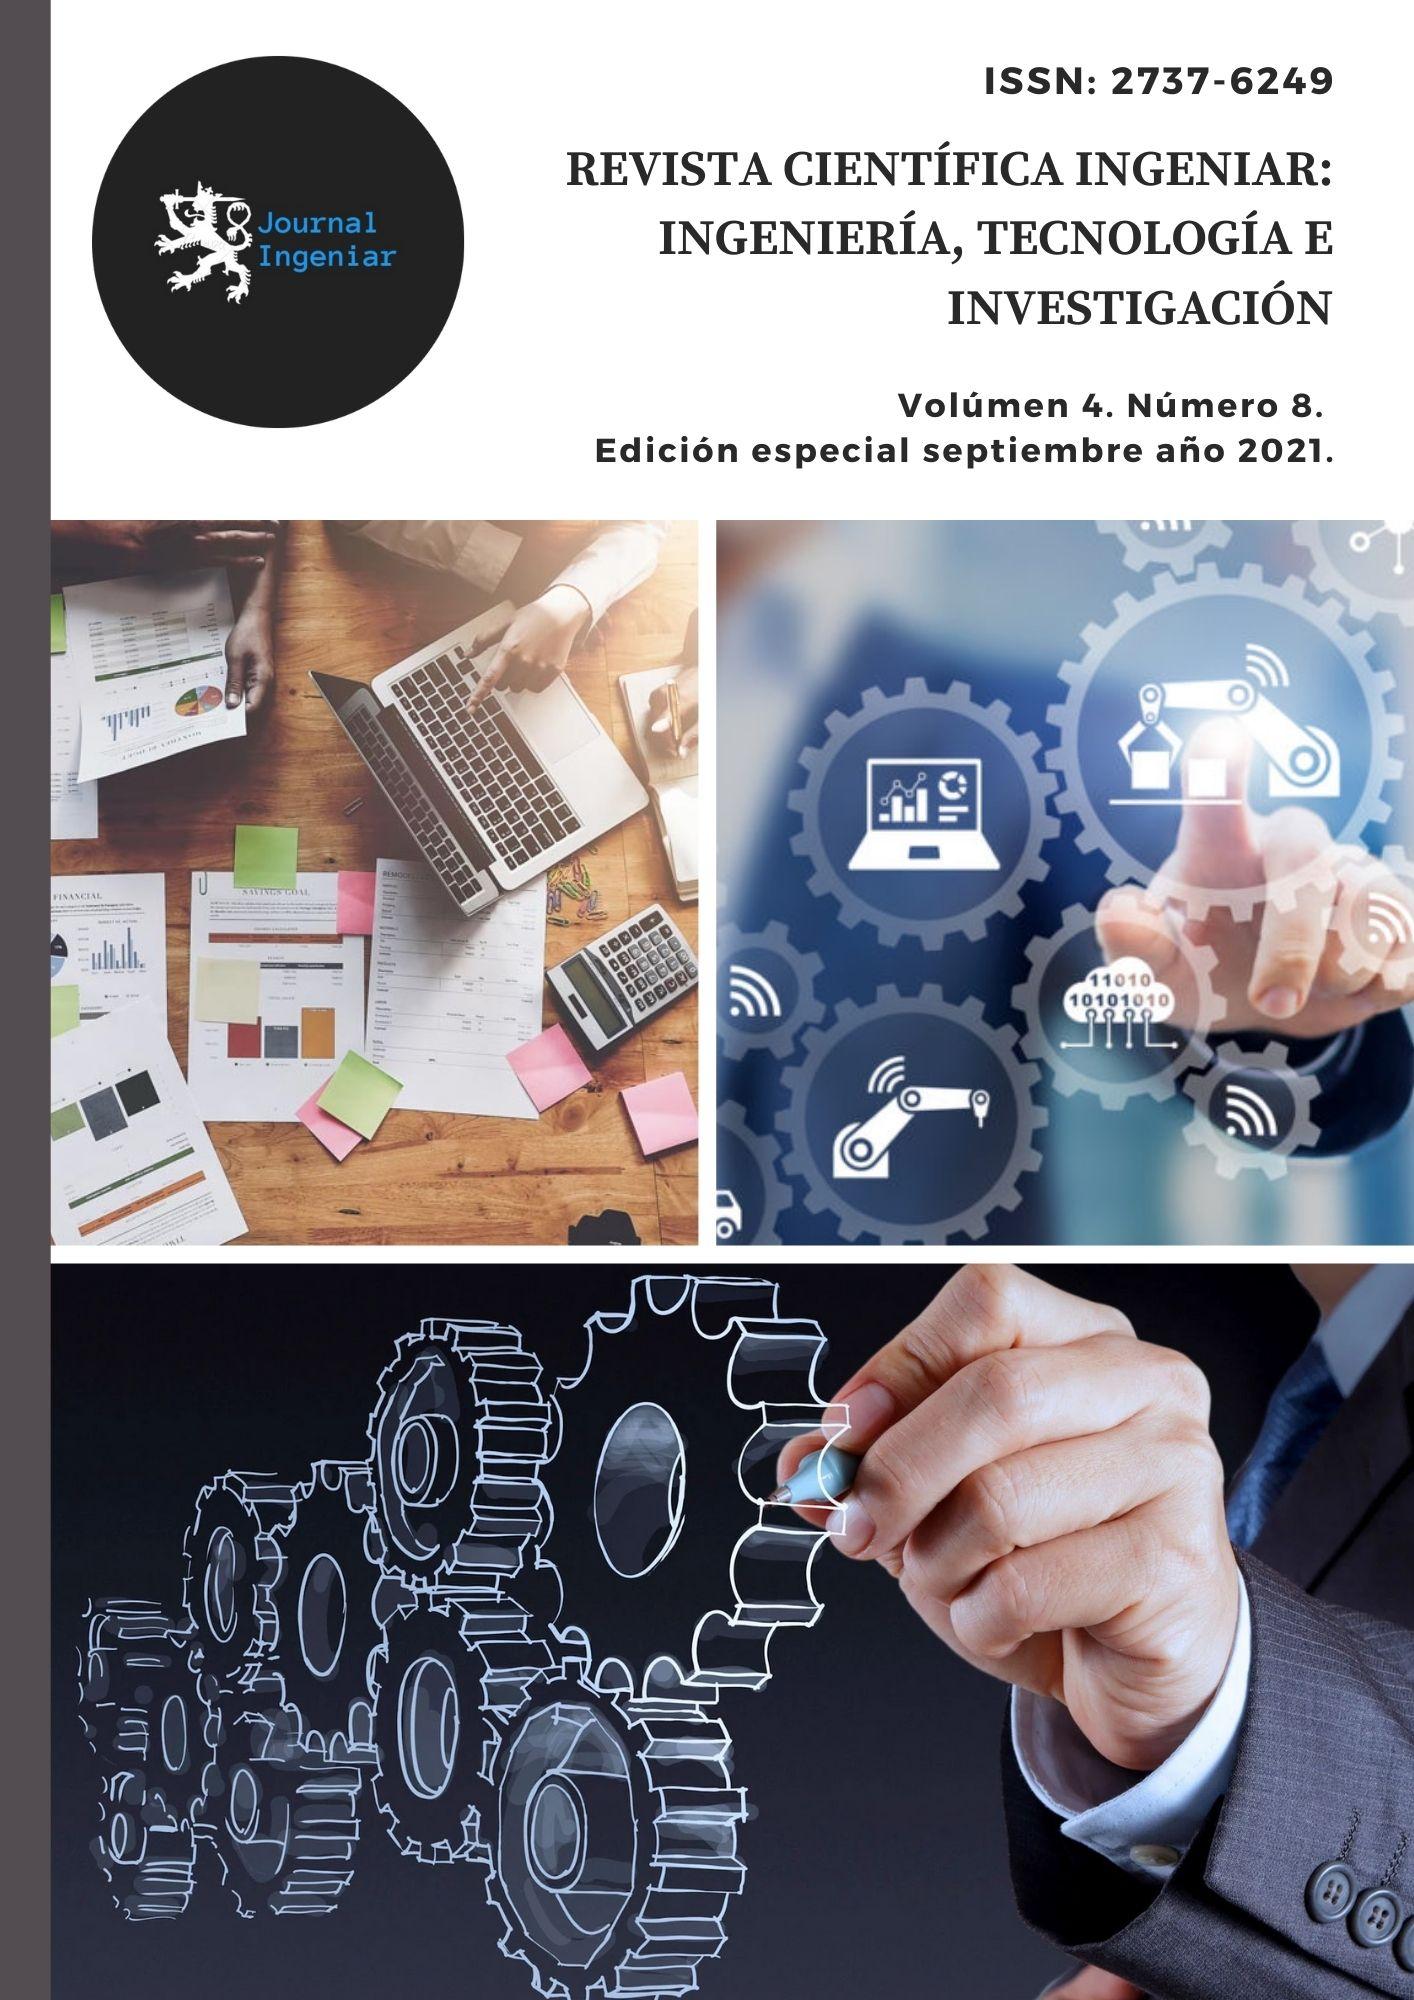 Ver Vol. 4 Núm. 8 Ed. esp. (2021): Revista Científica INGENIAR: Ingeniería, Tecnología e Investigación (Edición especial septiembre 2021)